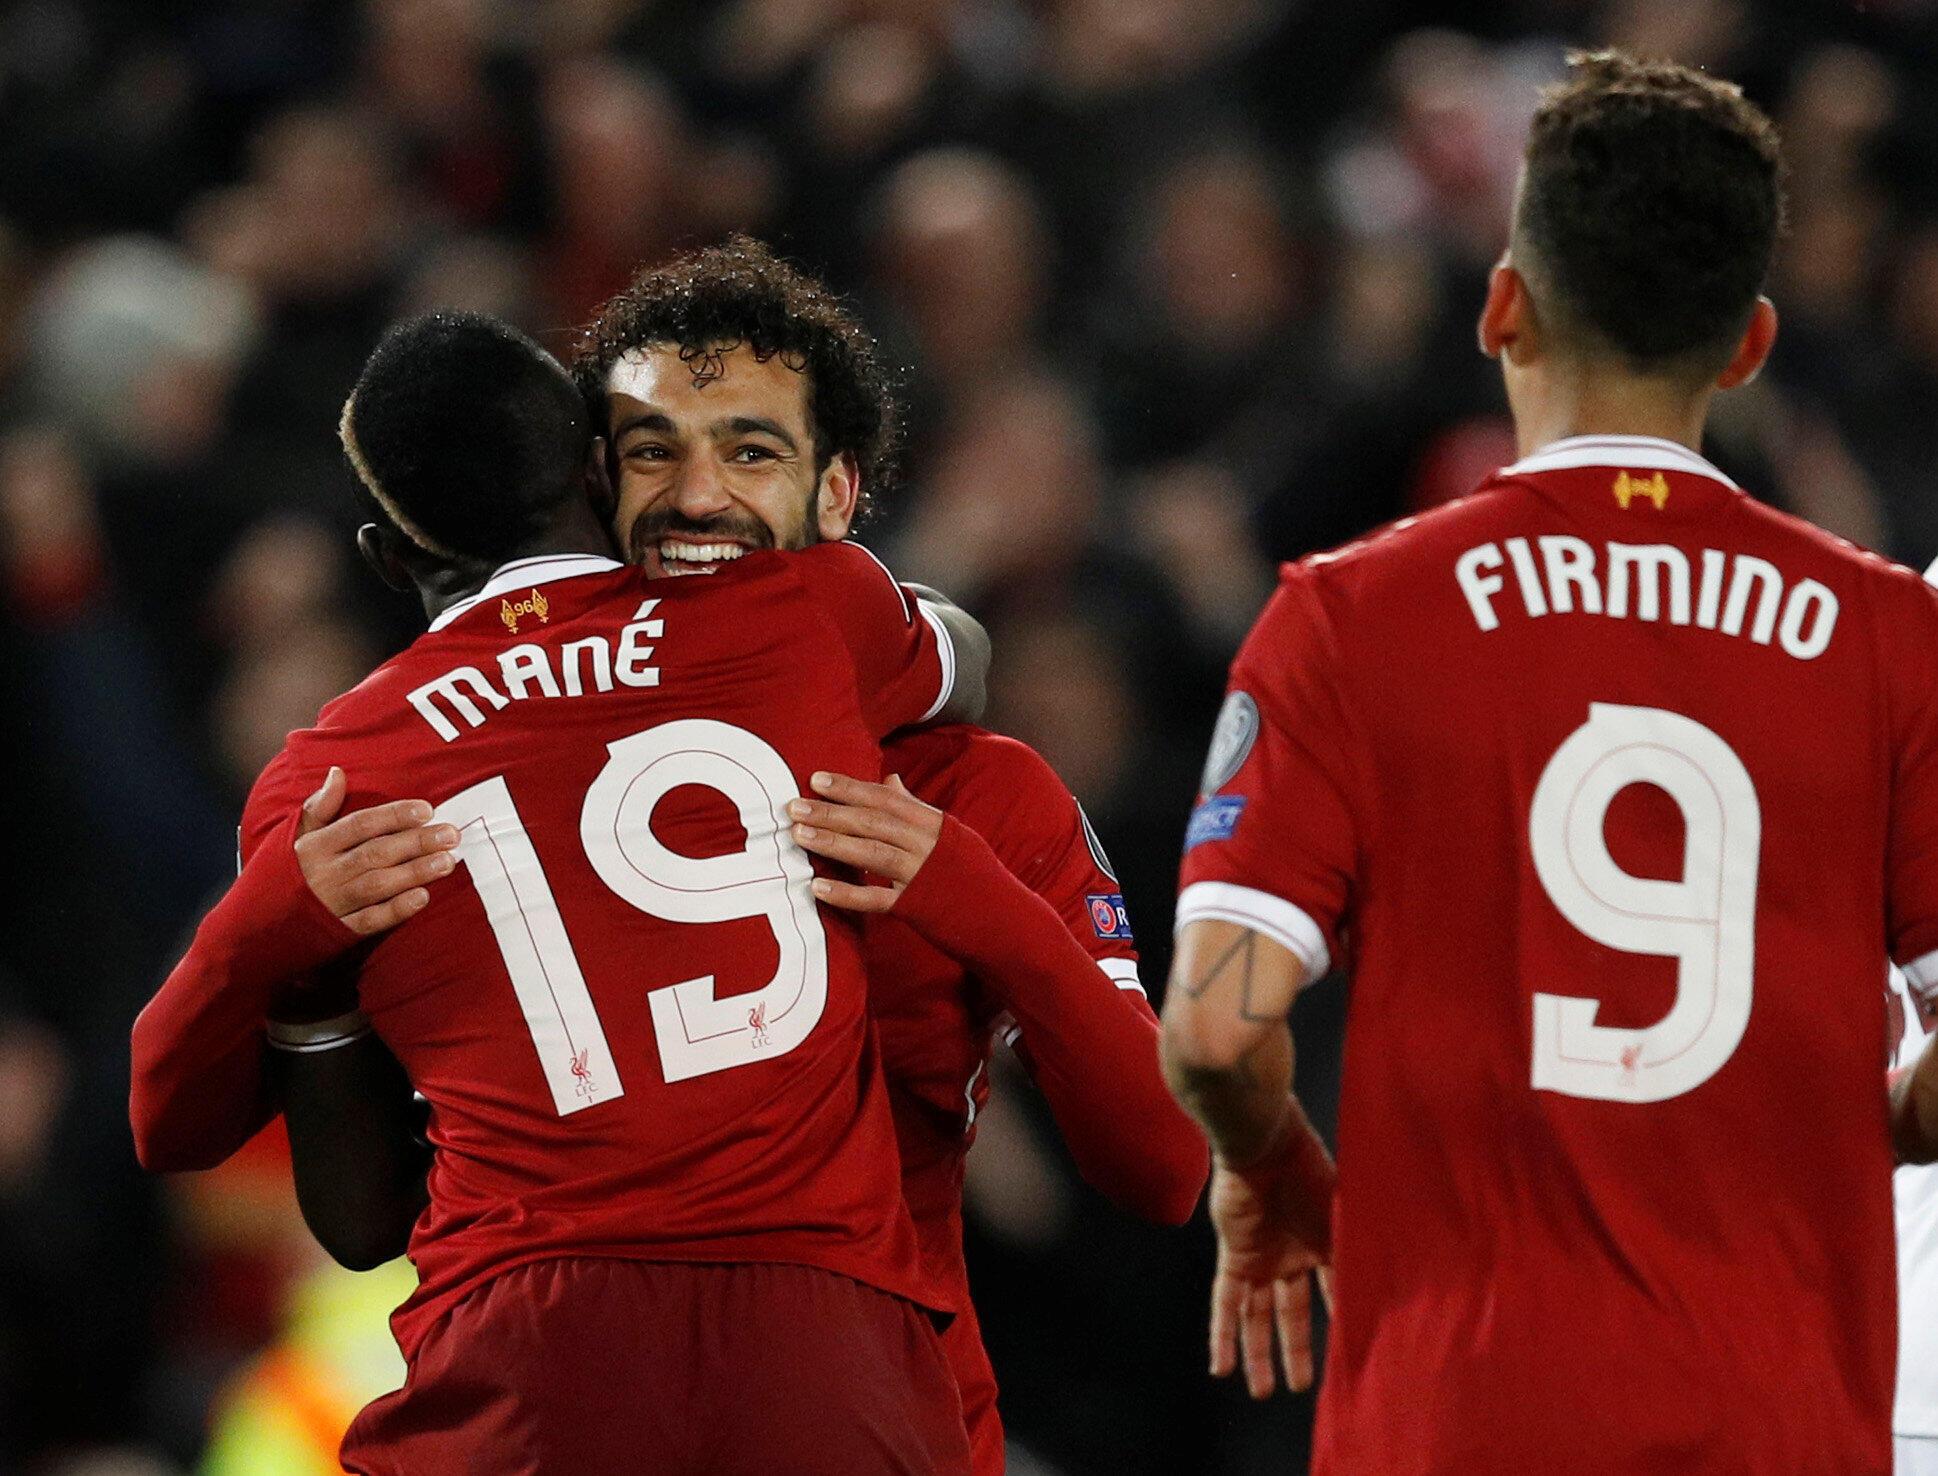 Le trio de Liverpool Sadio Mané, Roberto Firmino et Mohamed Salah empile les buts en Ligue des champions.